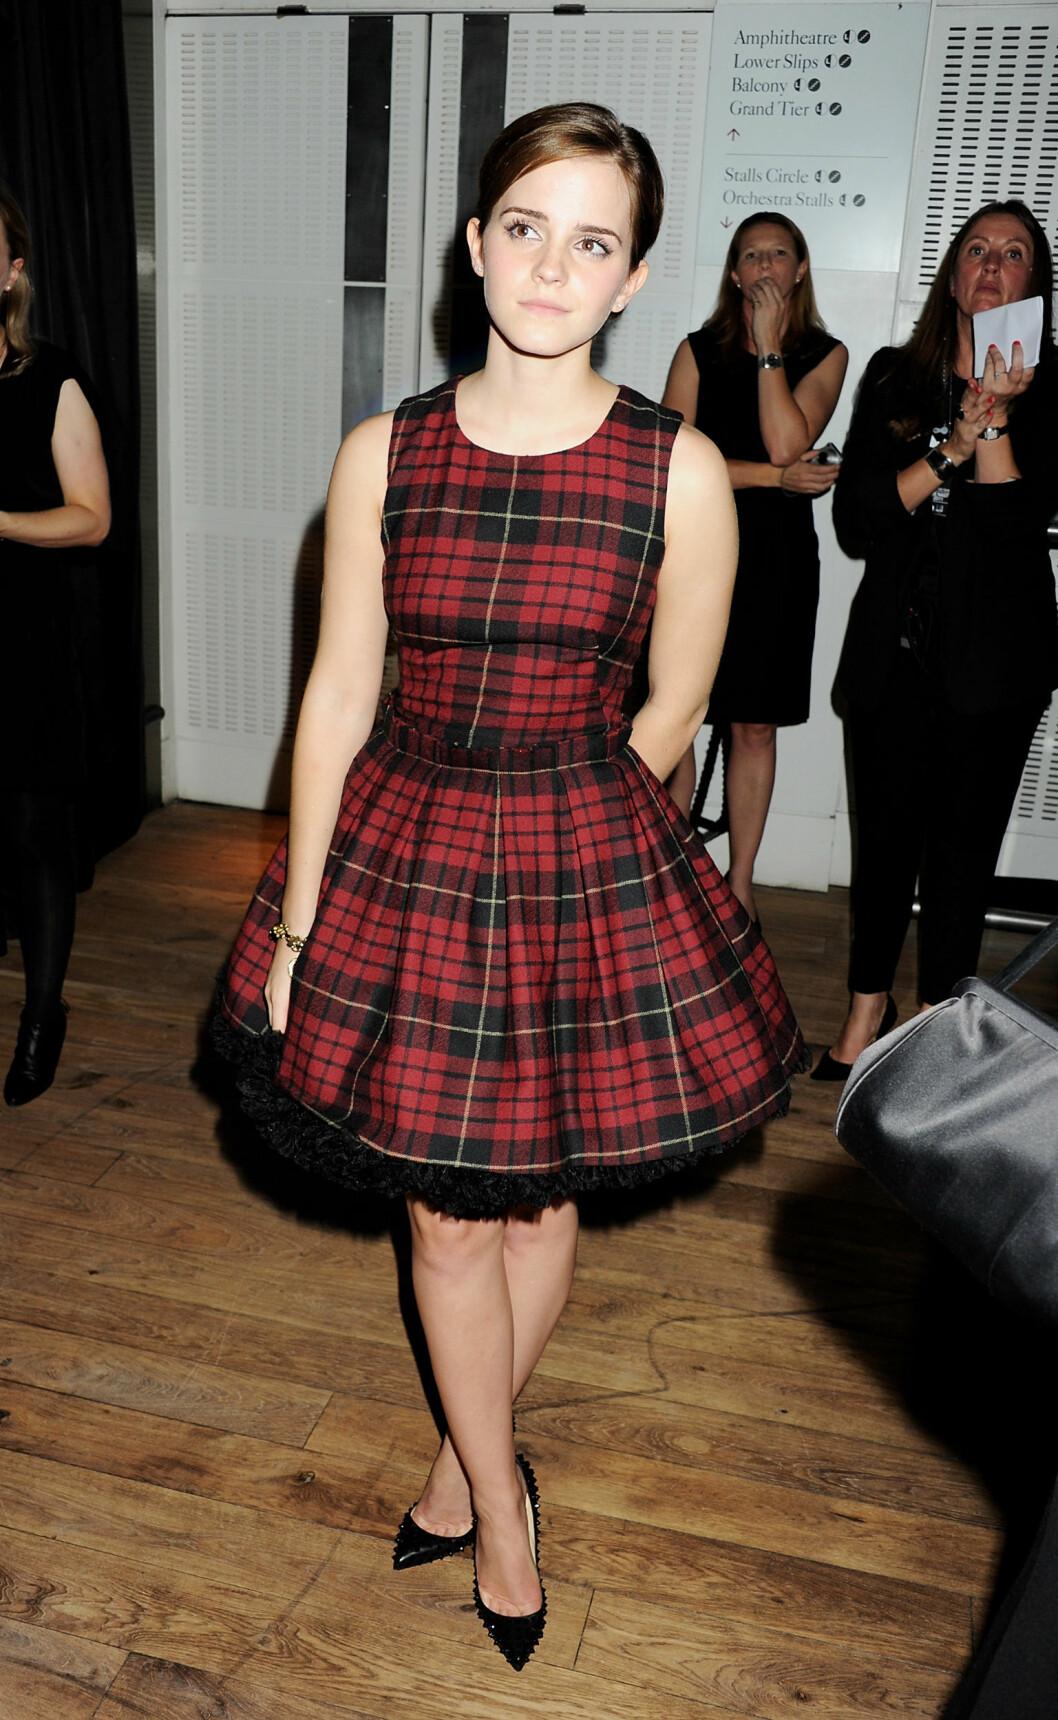 VOLUM OG RUTER: Emma Watson punket opp kjolen med naglesko. Før hun kom inn i varmen, hadde hun dessuten på seg en skinnjakke i bikerstil. Foto: All Over Press